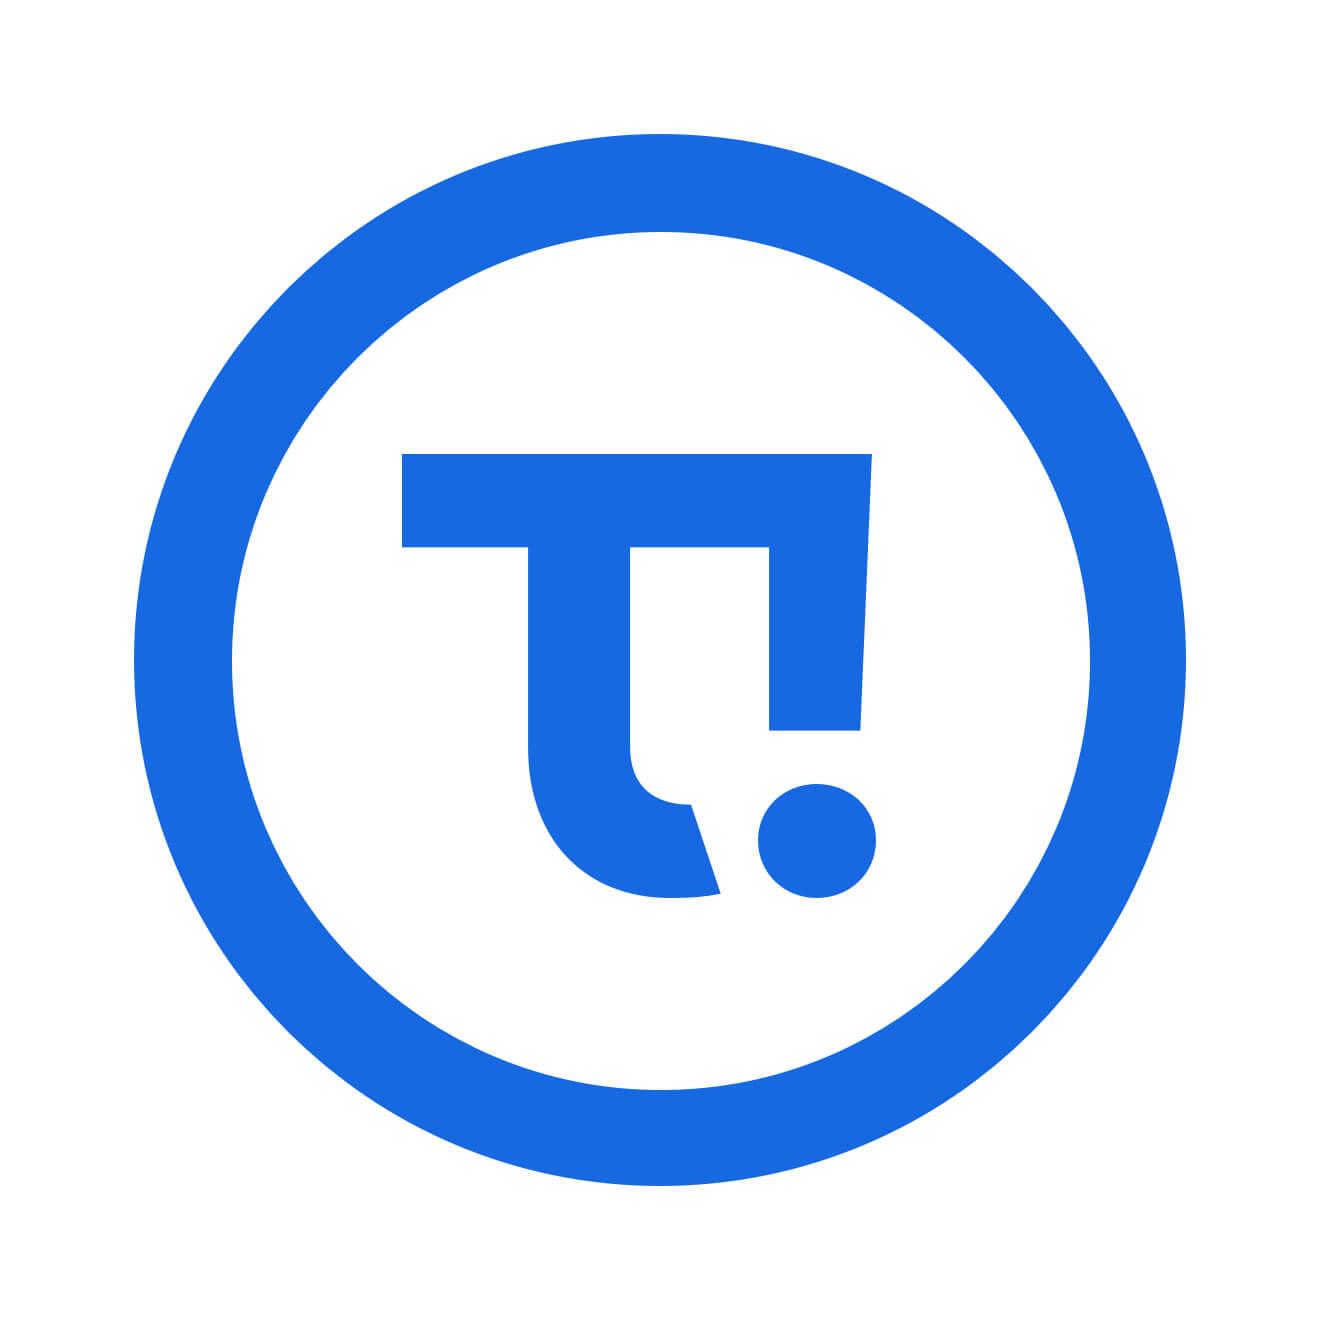 Tassart Associés Branding